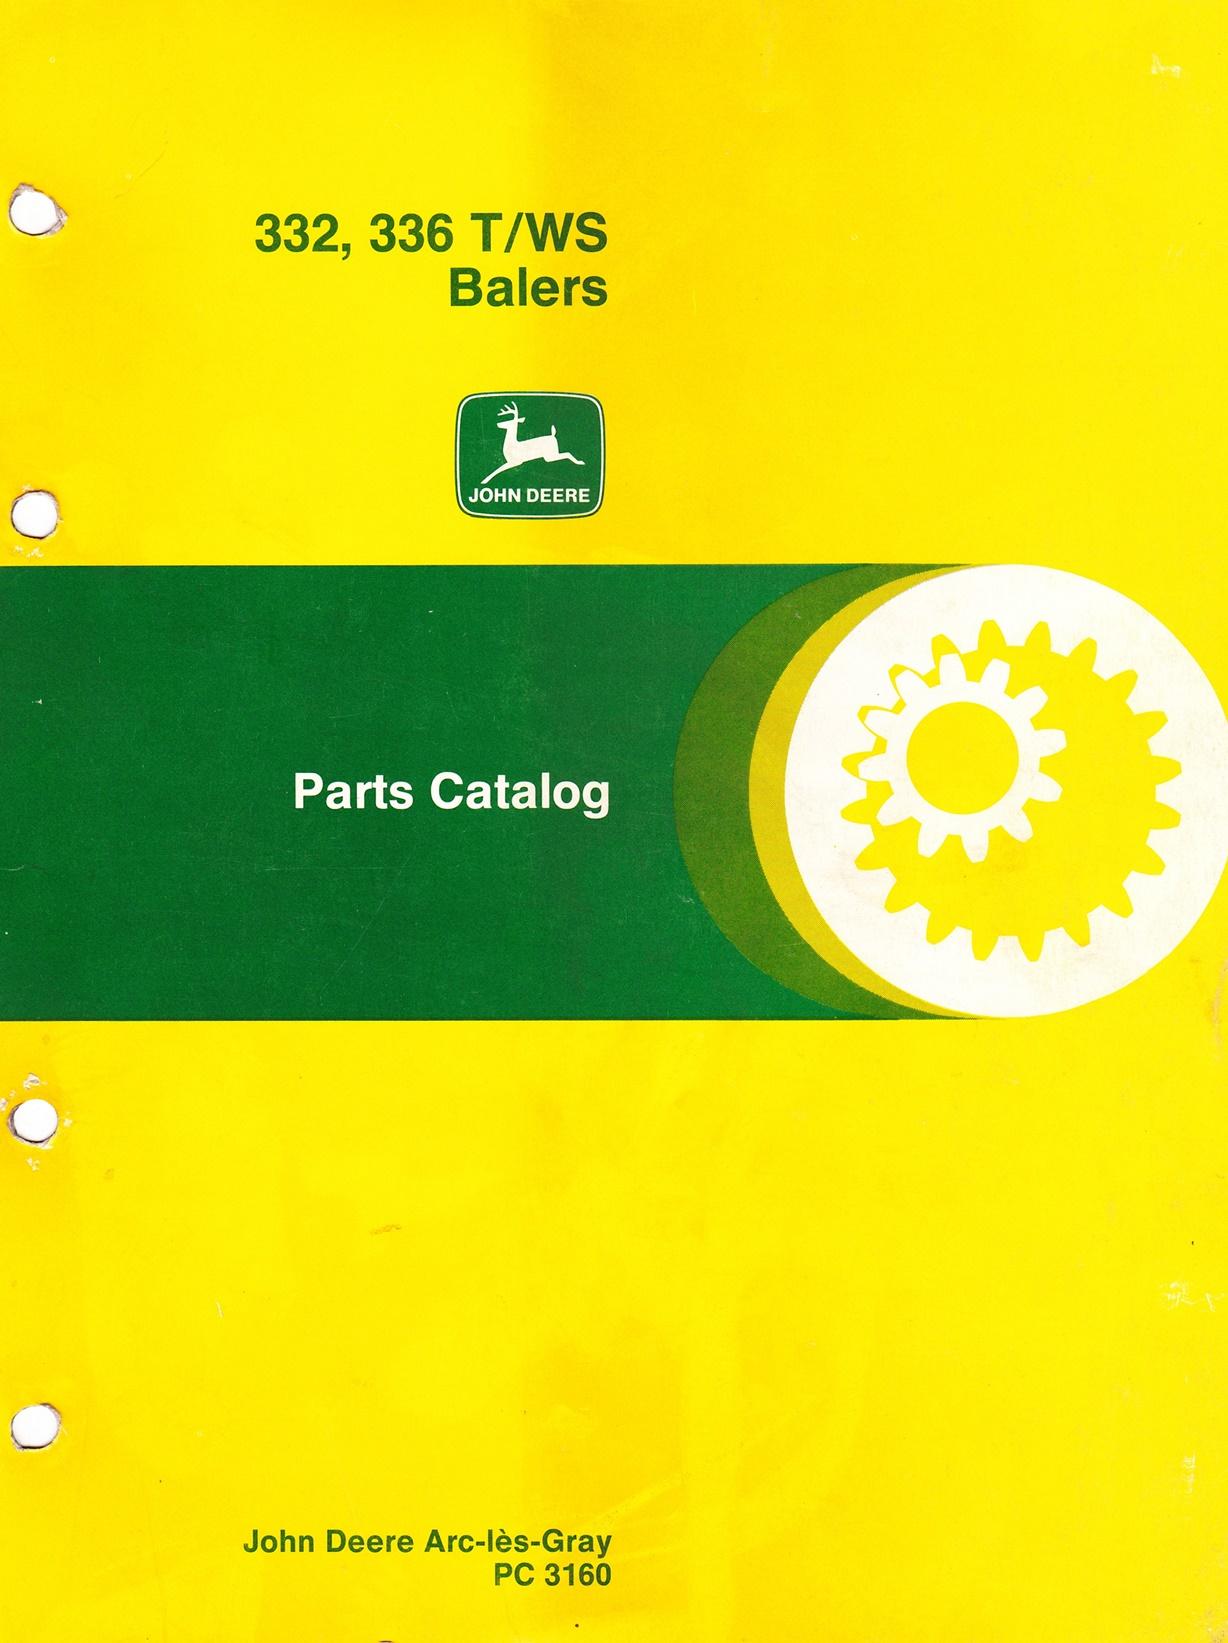 Ersatzteilkatalog John Deere Ballenpresse 332, 336 T/WS